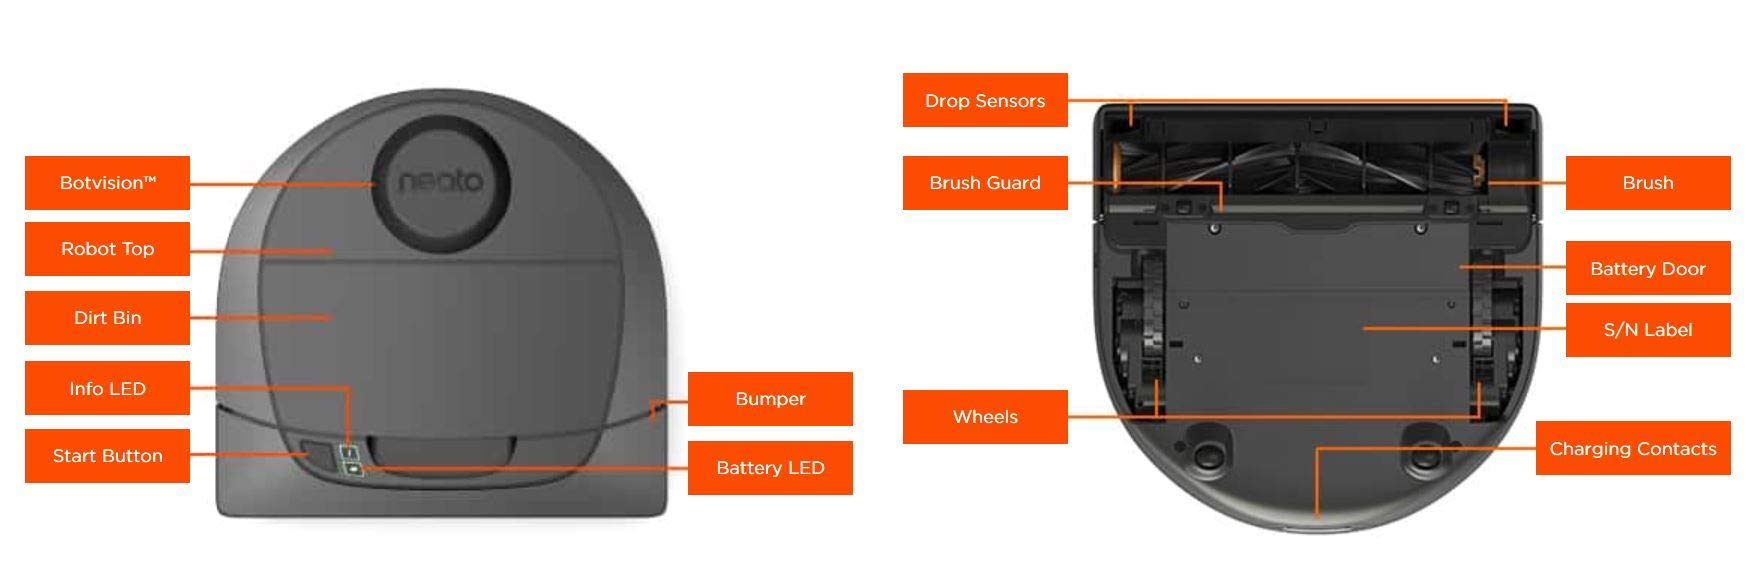 Neato Robotics Botvac D301 Connected - Saugroboter Alexa-kompatibel & für Tierhaare - Staubsauger Roboter mit…